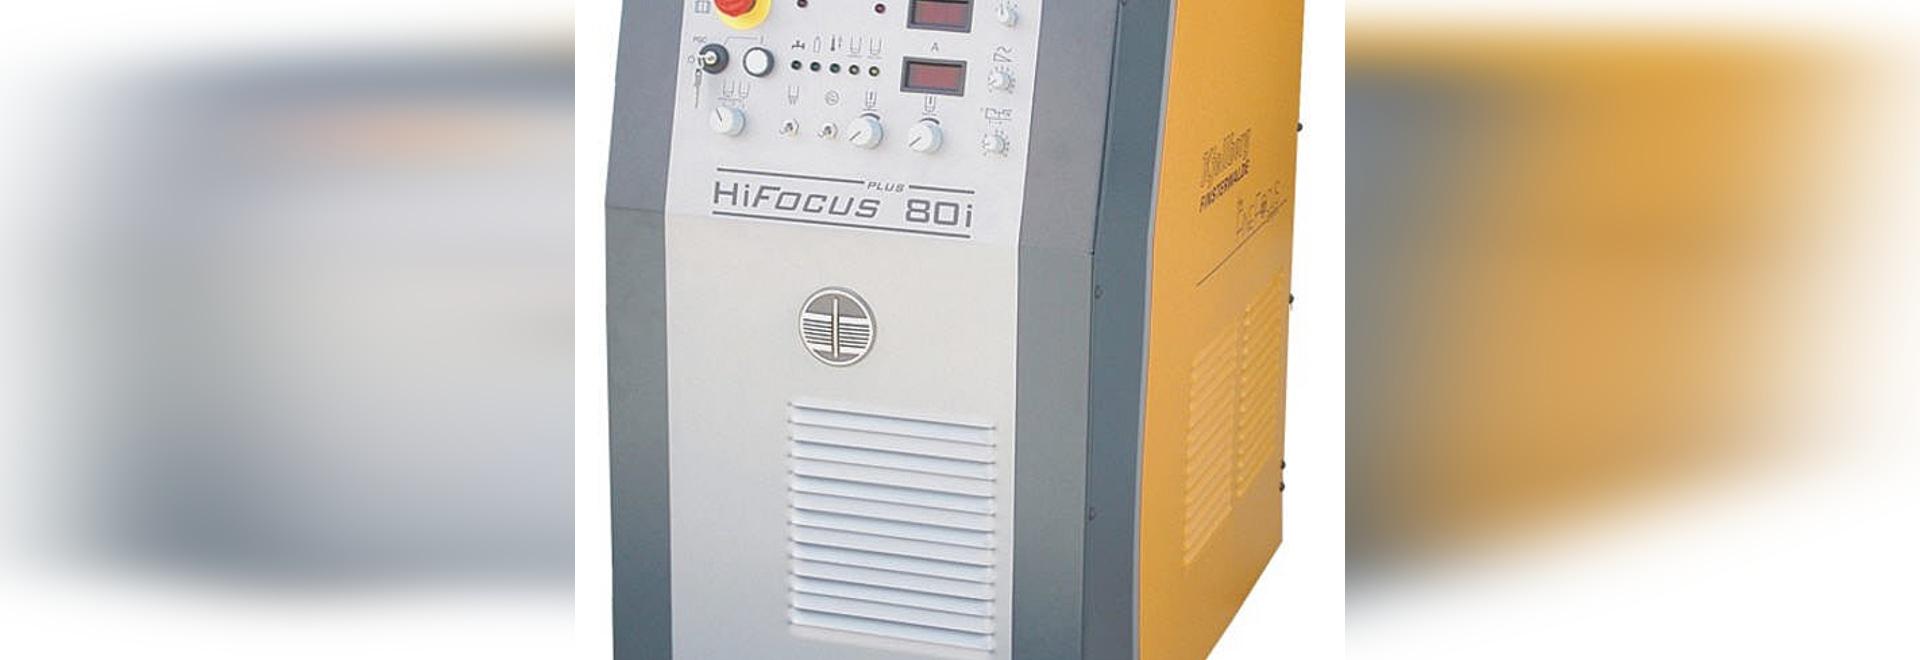 Apparecchi per il taglio al plasma controllati da CNC e meccanizzati - HiFocus 80i